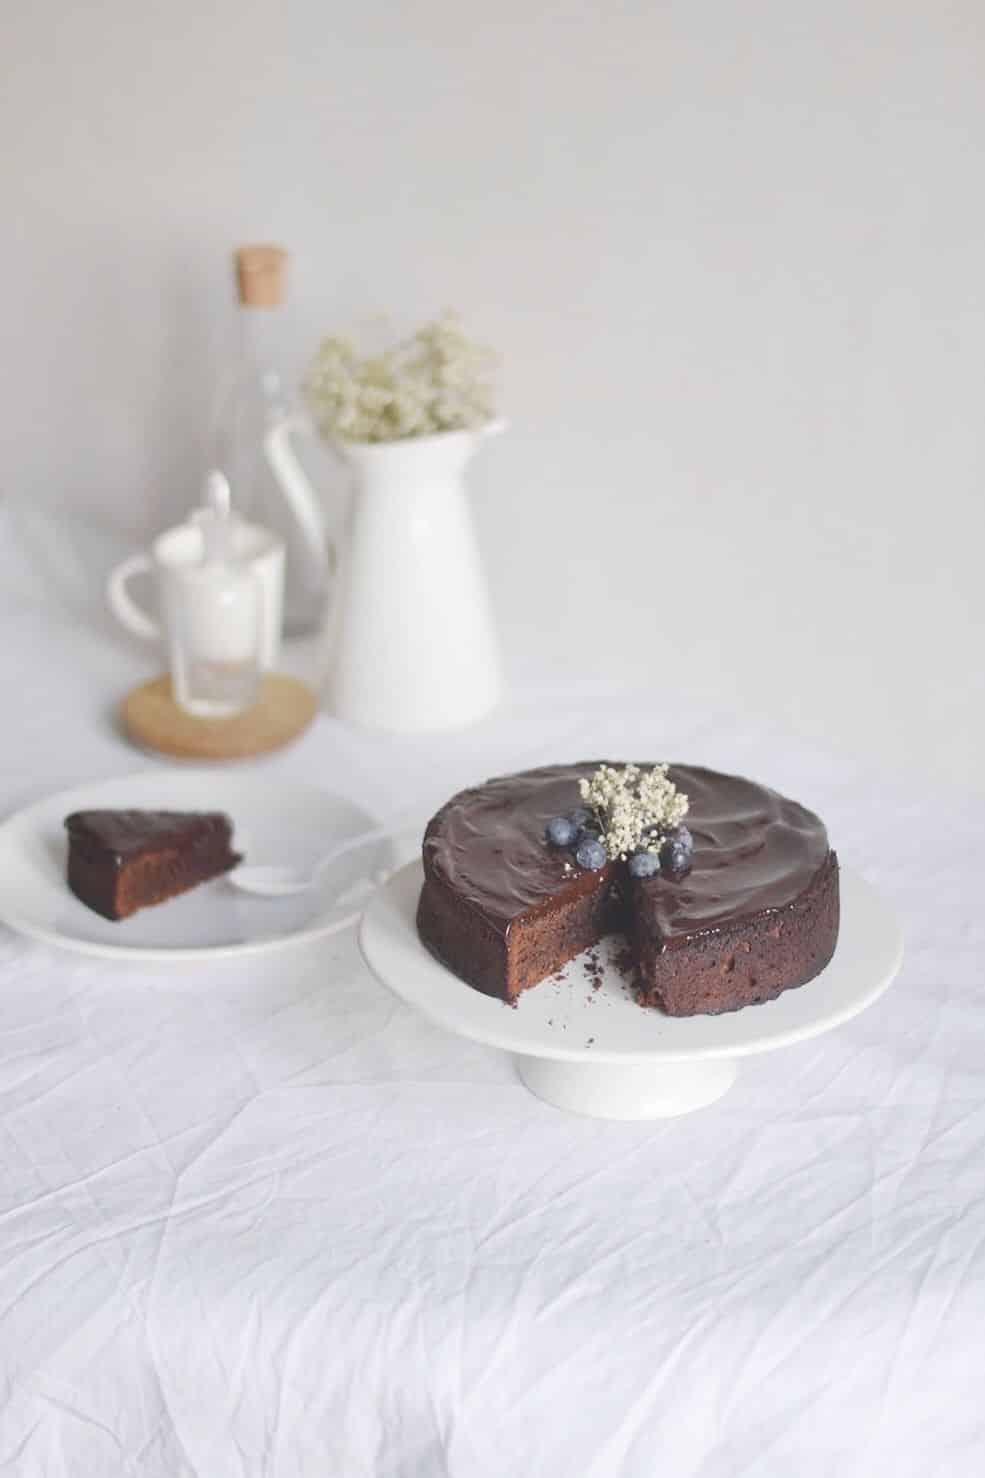 Le gâteau au chocolat de mon enfance